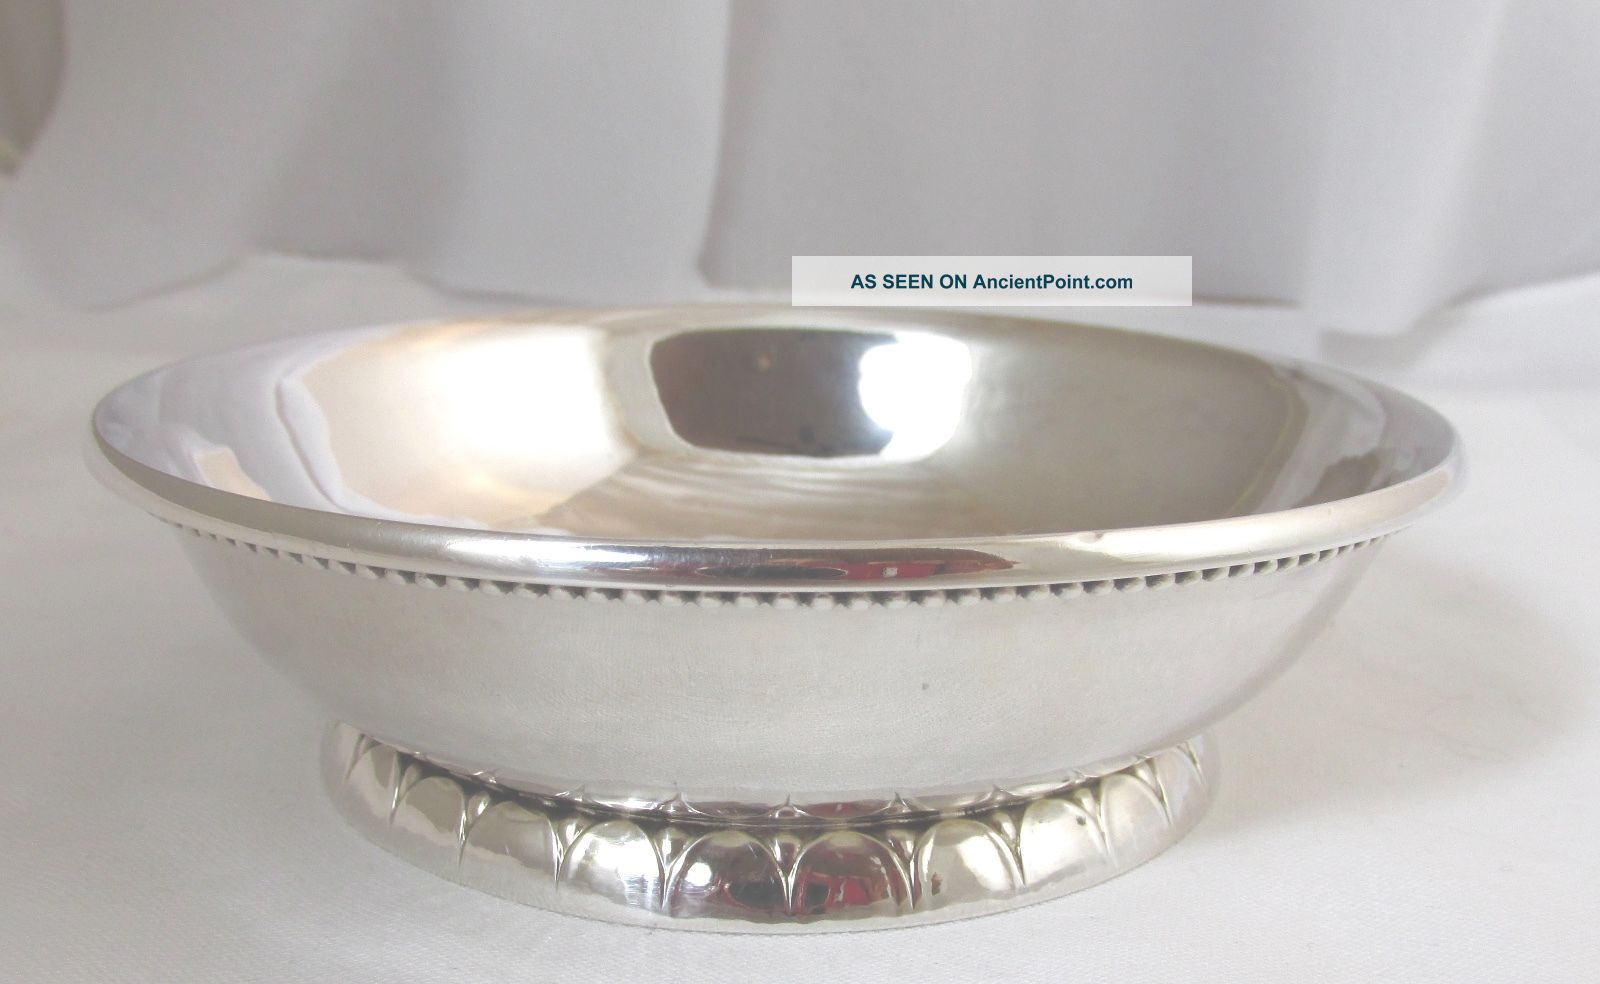 Vintage Georg Jensen Hand Hammered Sterling Silver Bowl 1925 - 1930 Bowls photo